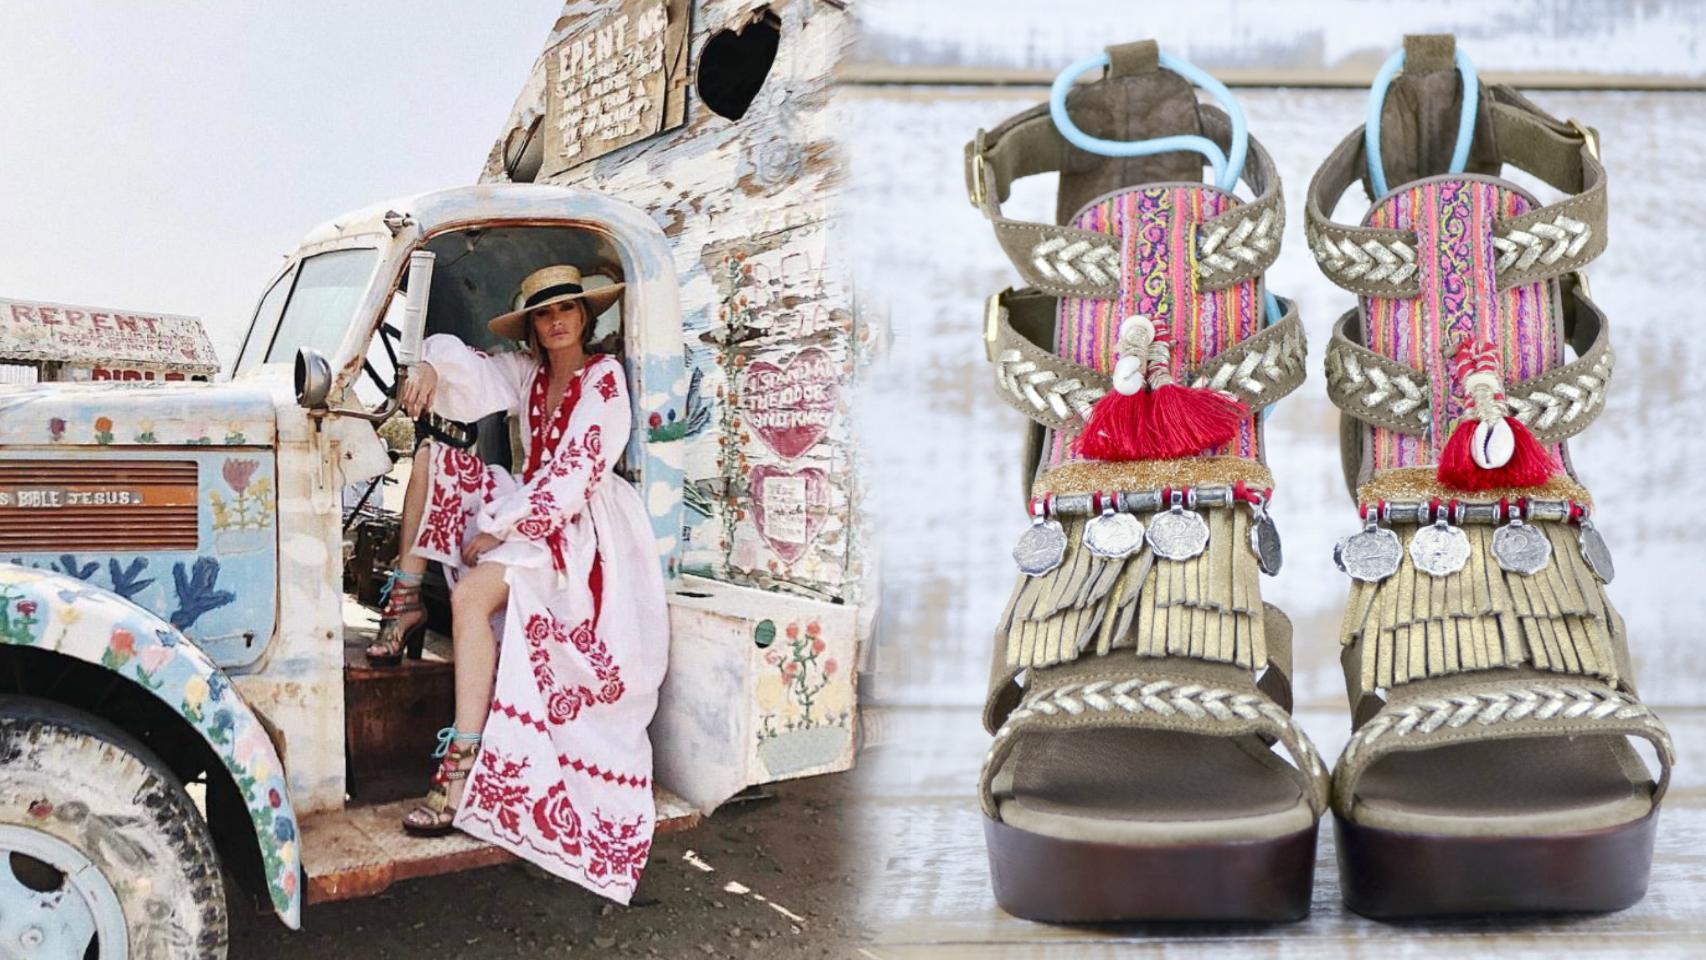 La estilista ha lucido un calzado muy llamativo en el festival.